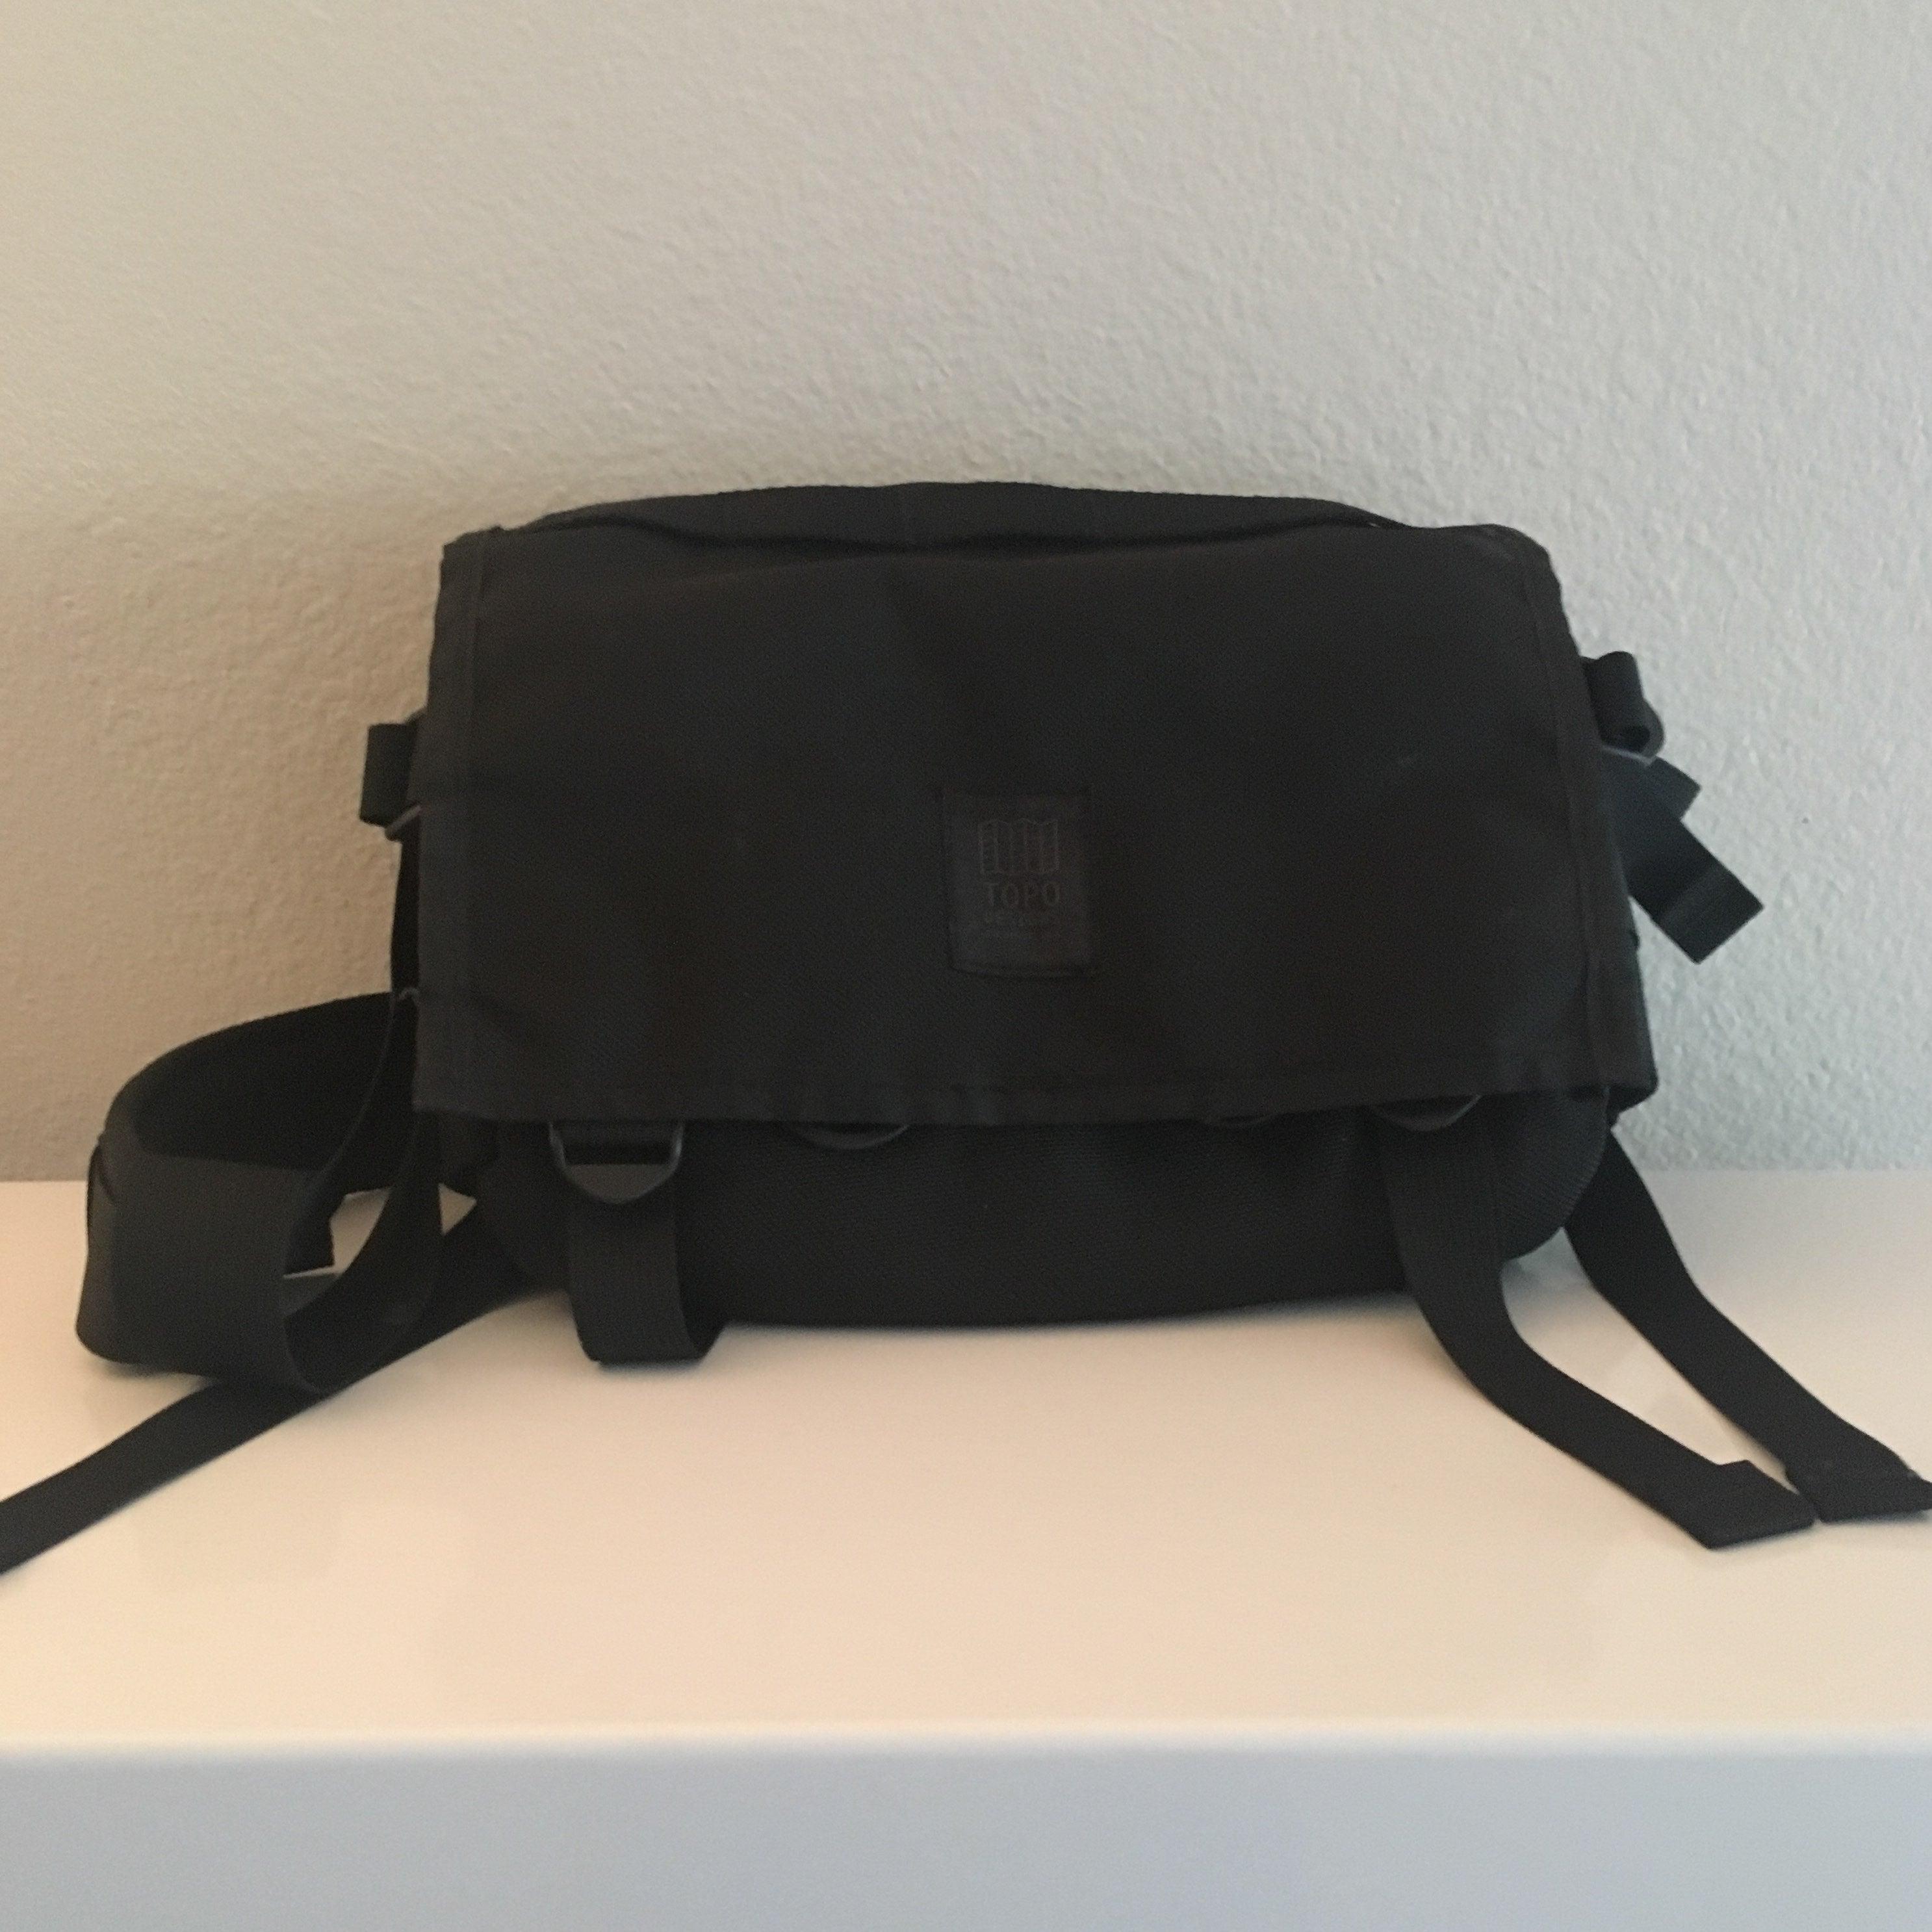 Topo Designs Field Bag in Black